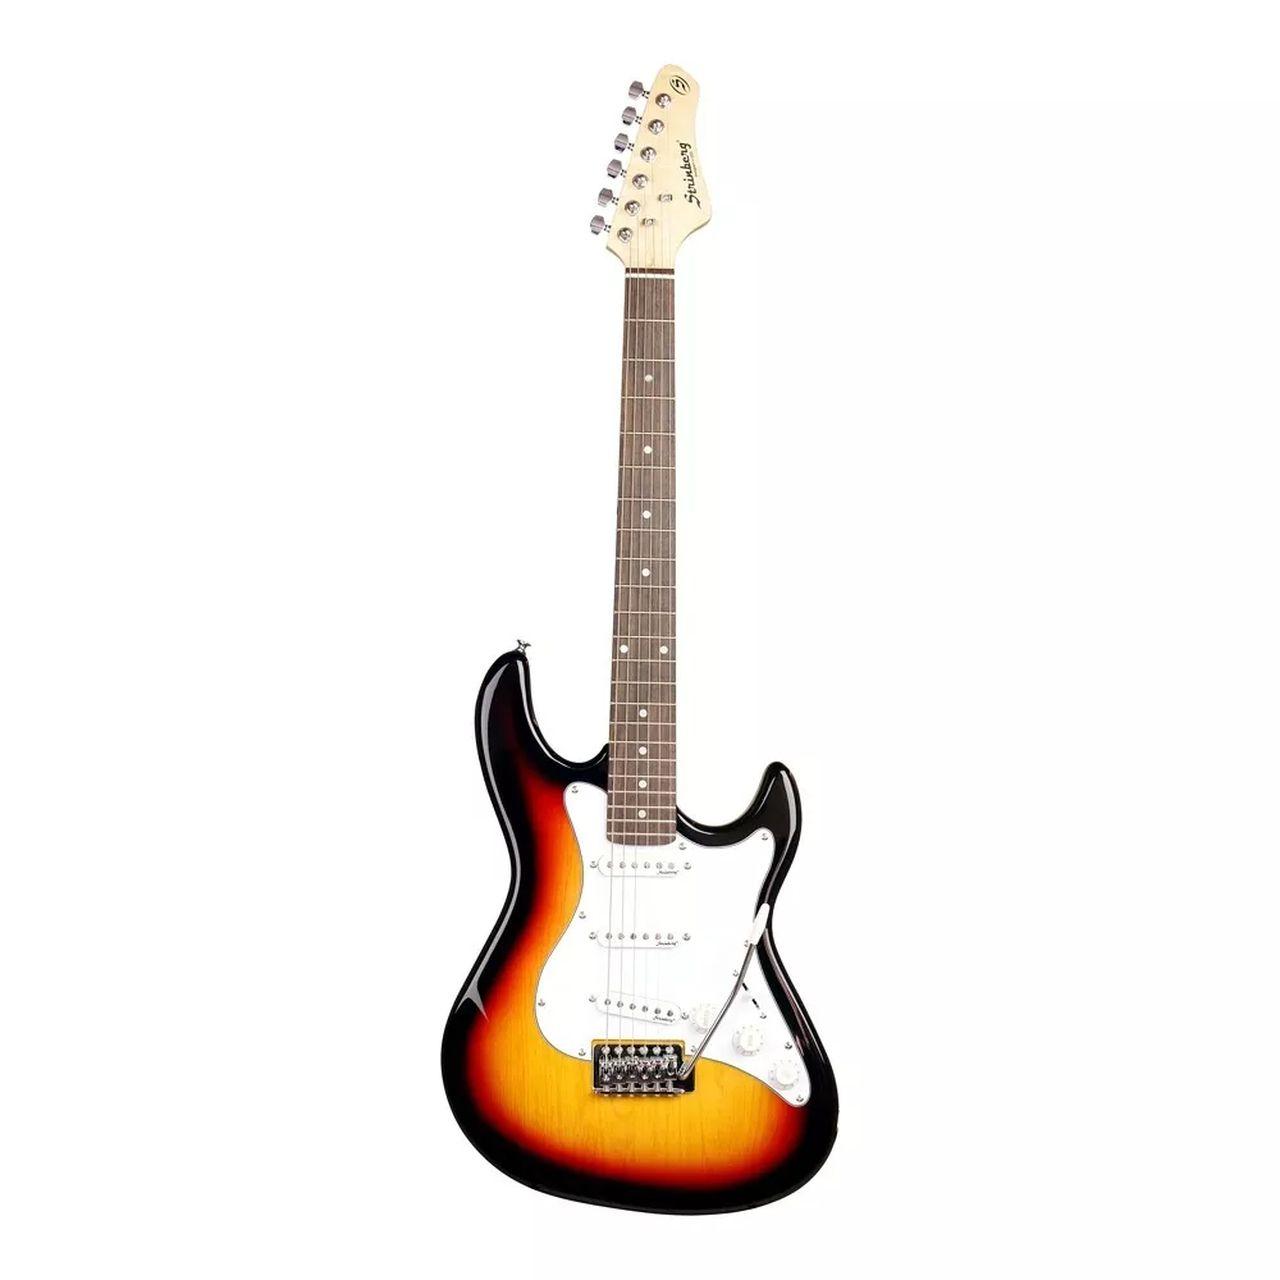 Guitarra Fender Squier Affinity Strat 503 Sunburst - Squier by Fender